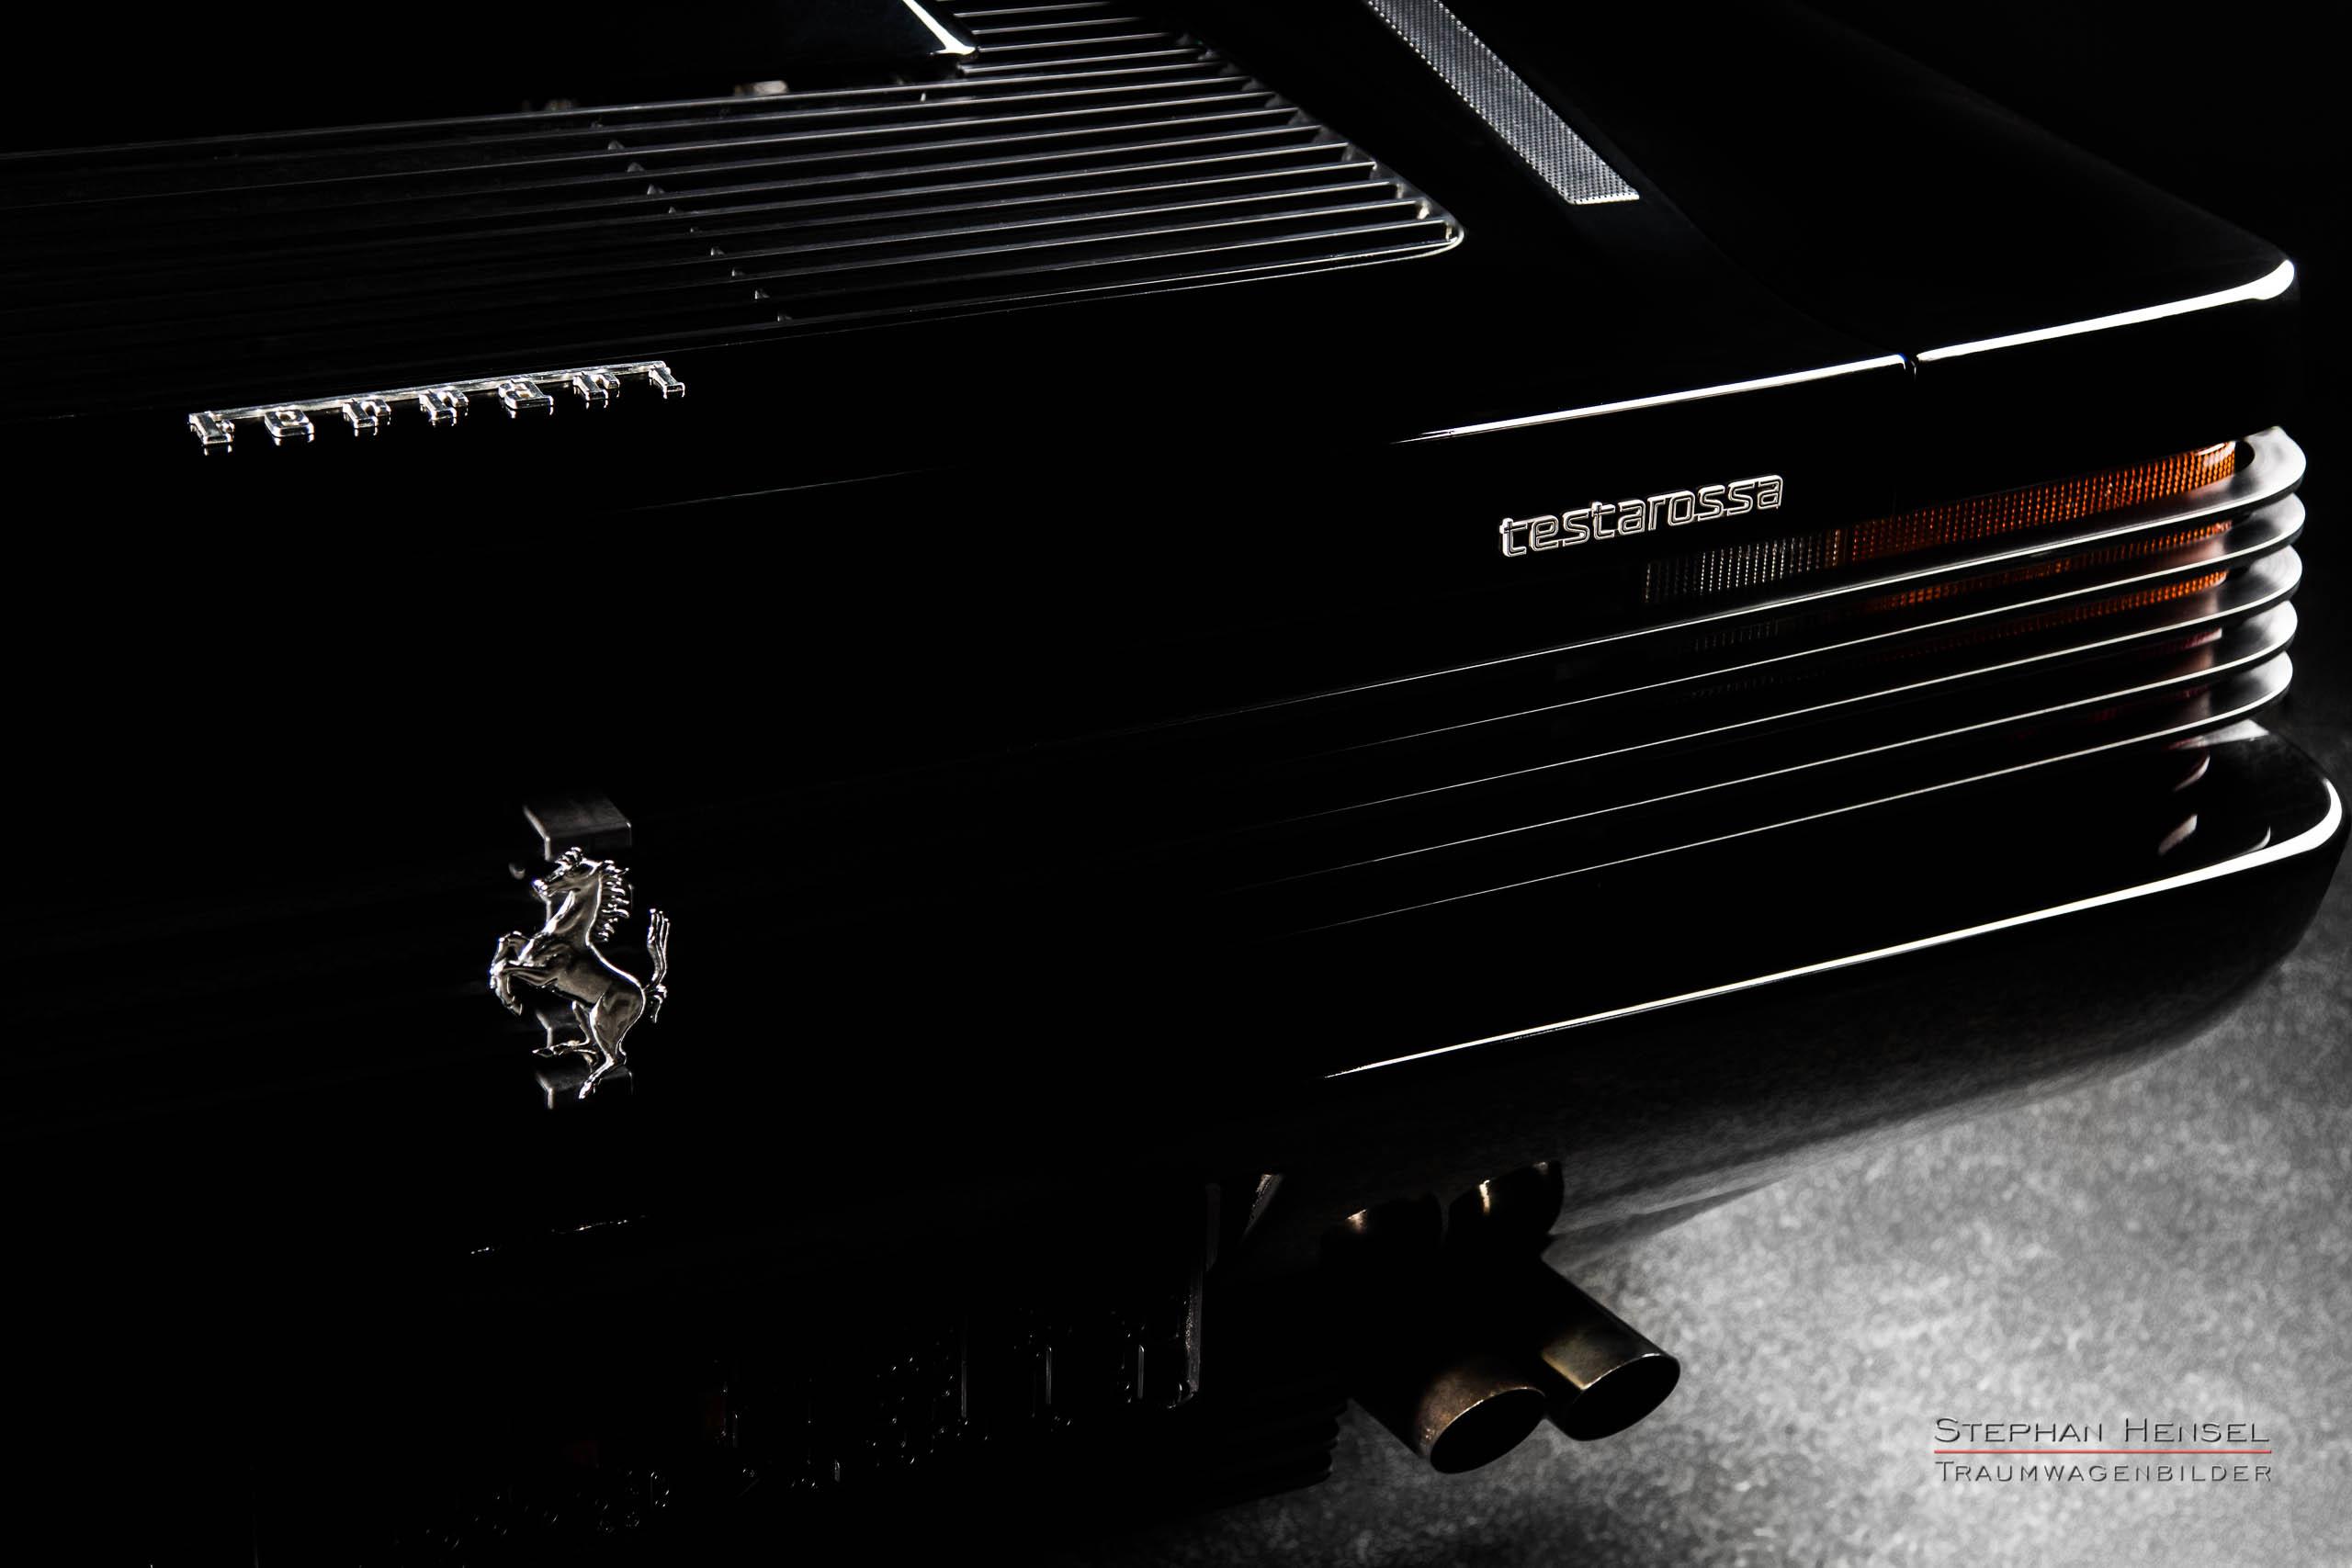 Ferrari Testarossa, Detailansicht Heckpartie rechts, Autofotograf: Stephan Hensel, Oldtimerfotograf, Hamburg